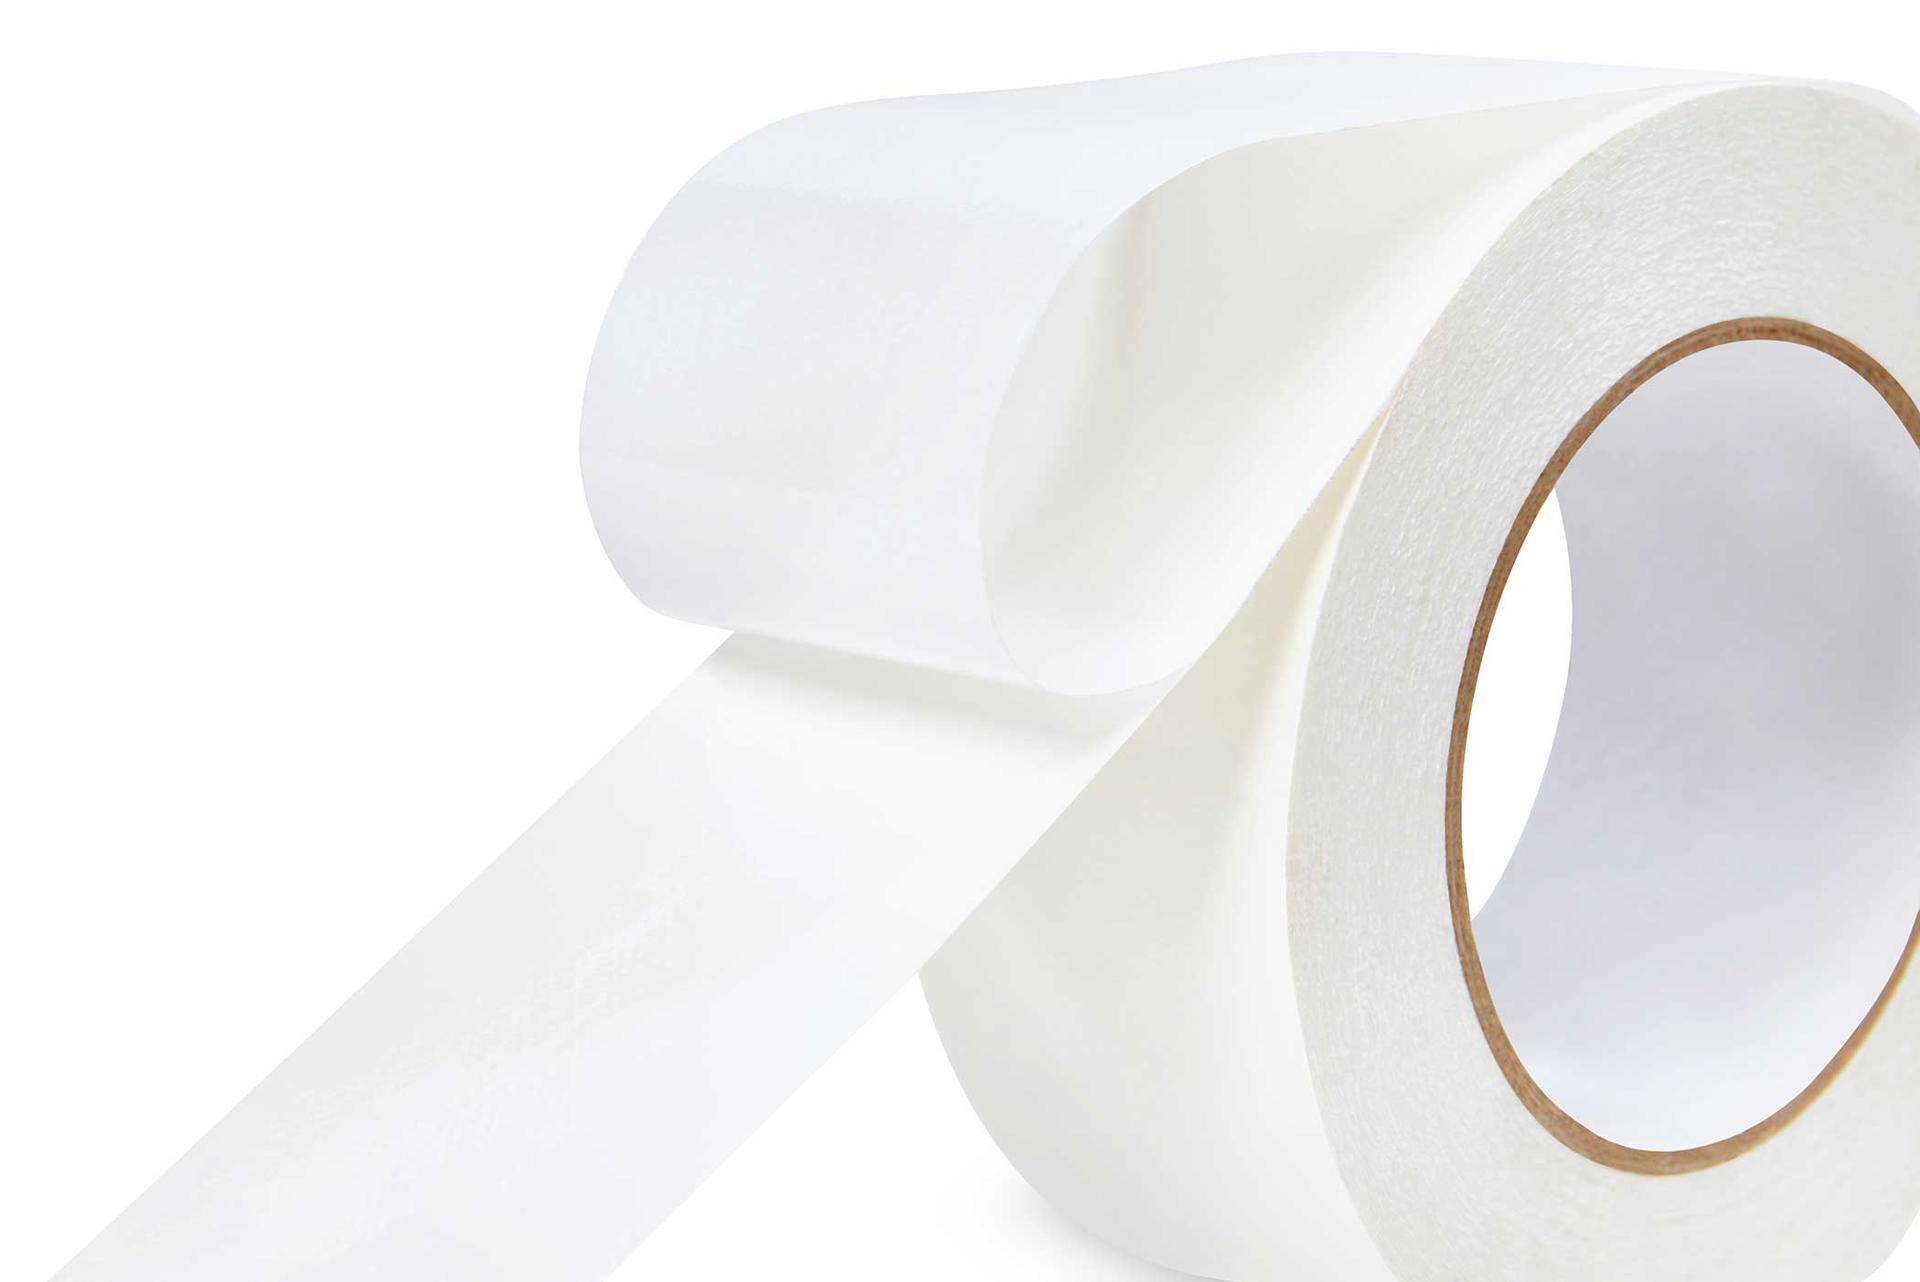 Carpet Edge Binding Tape For Bag Sealing